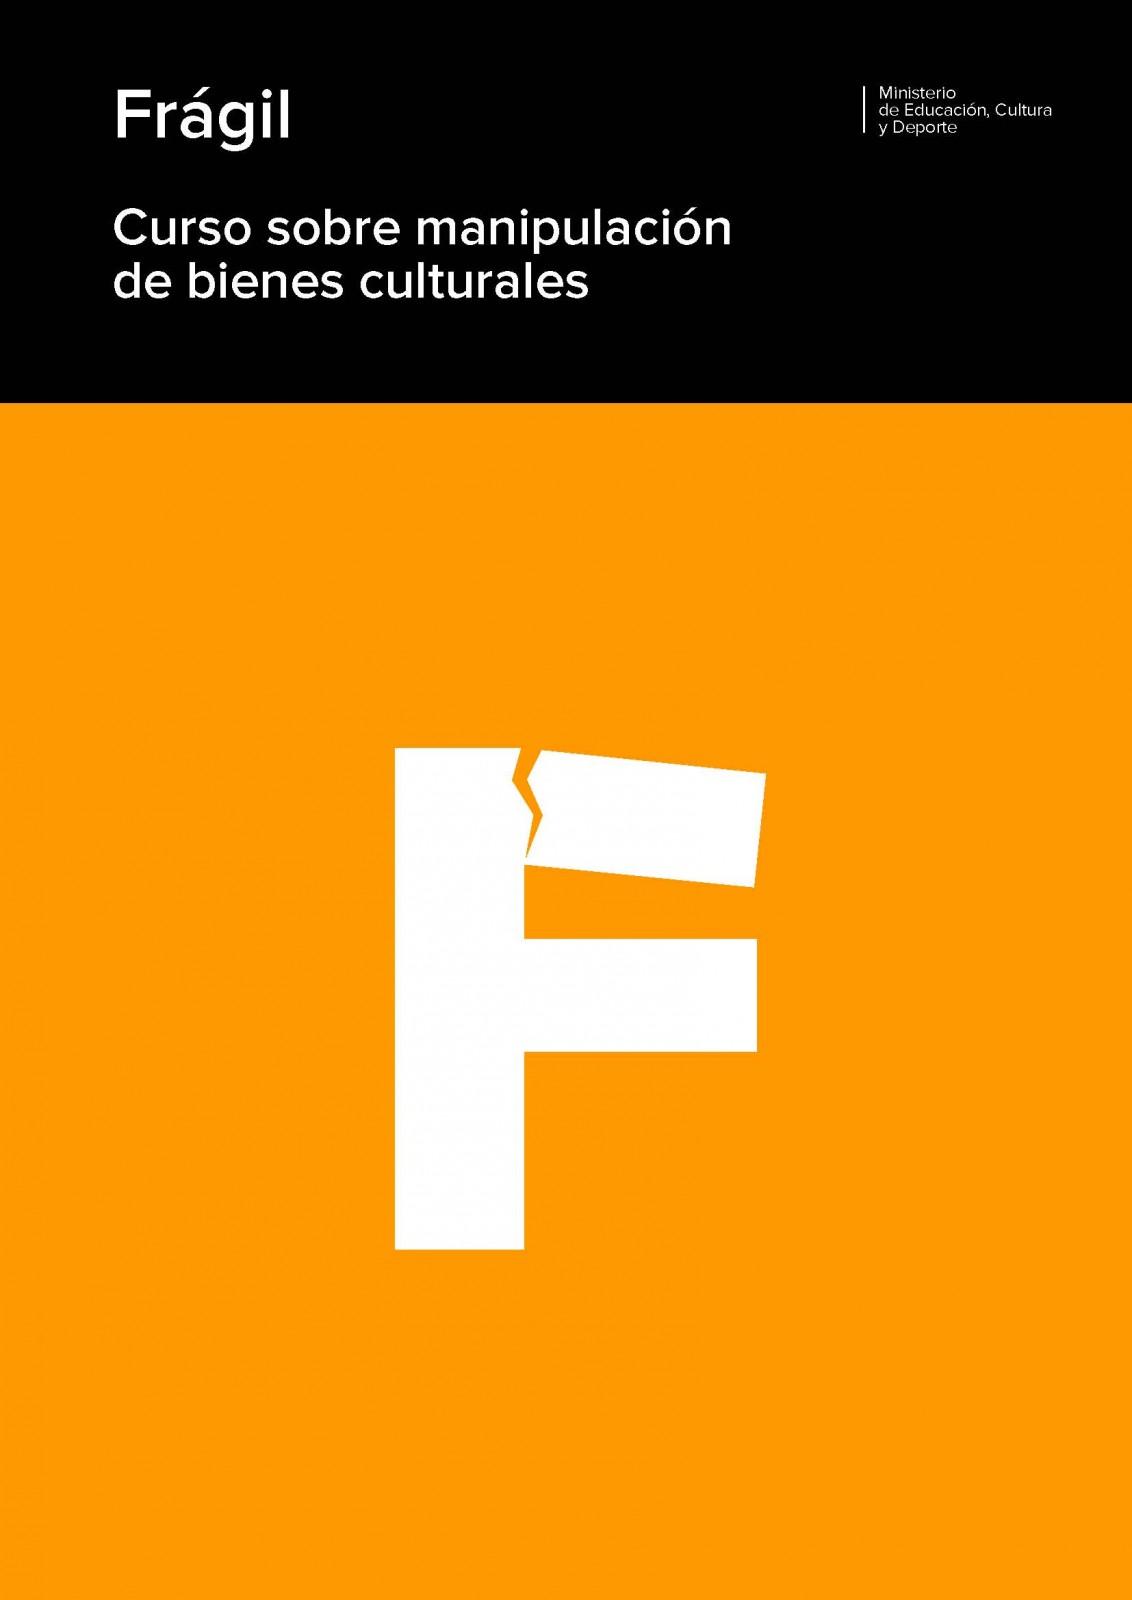 Pages from VV.AA. 2013. Frágil. Curso sobre Manipulación de Bienes Culturales. Ministerio de Educación, Cutlura y Deortes